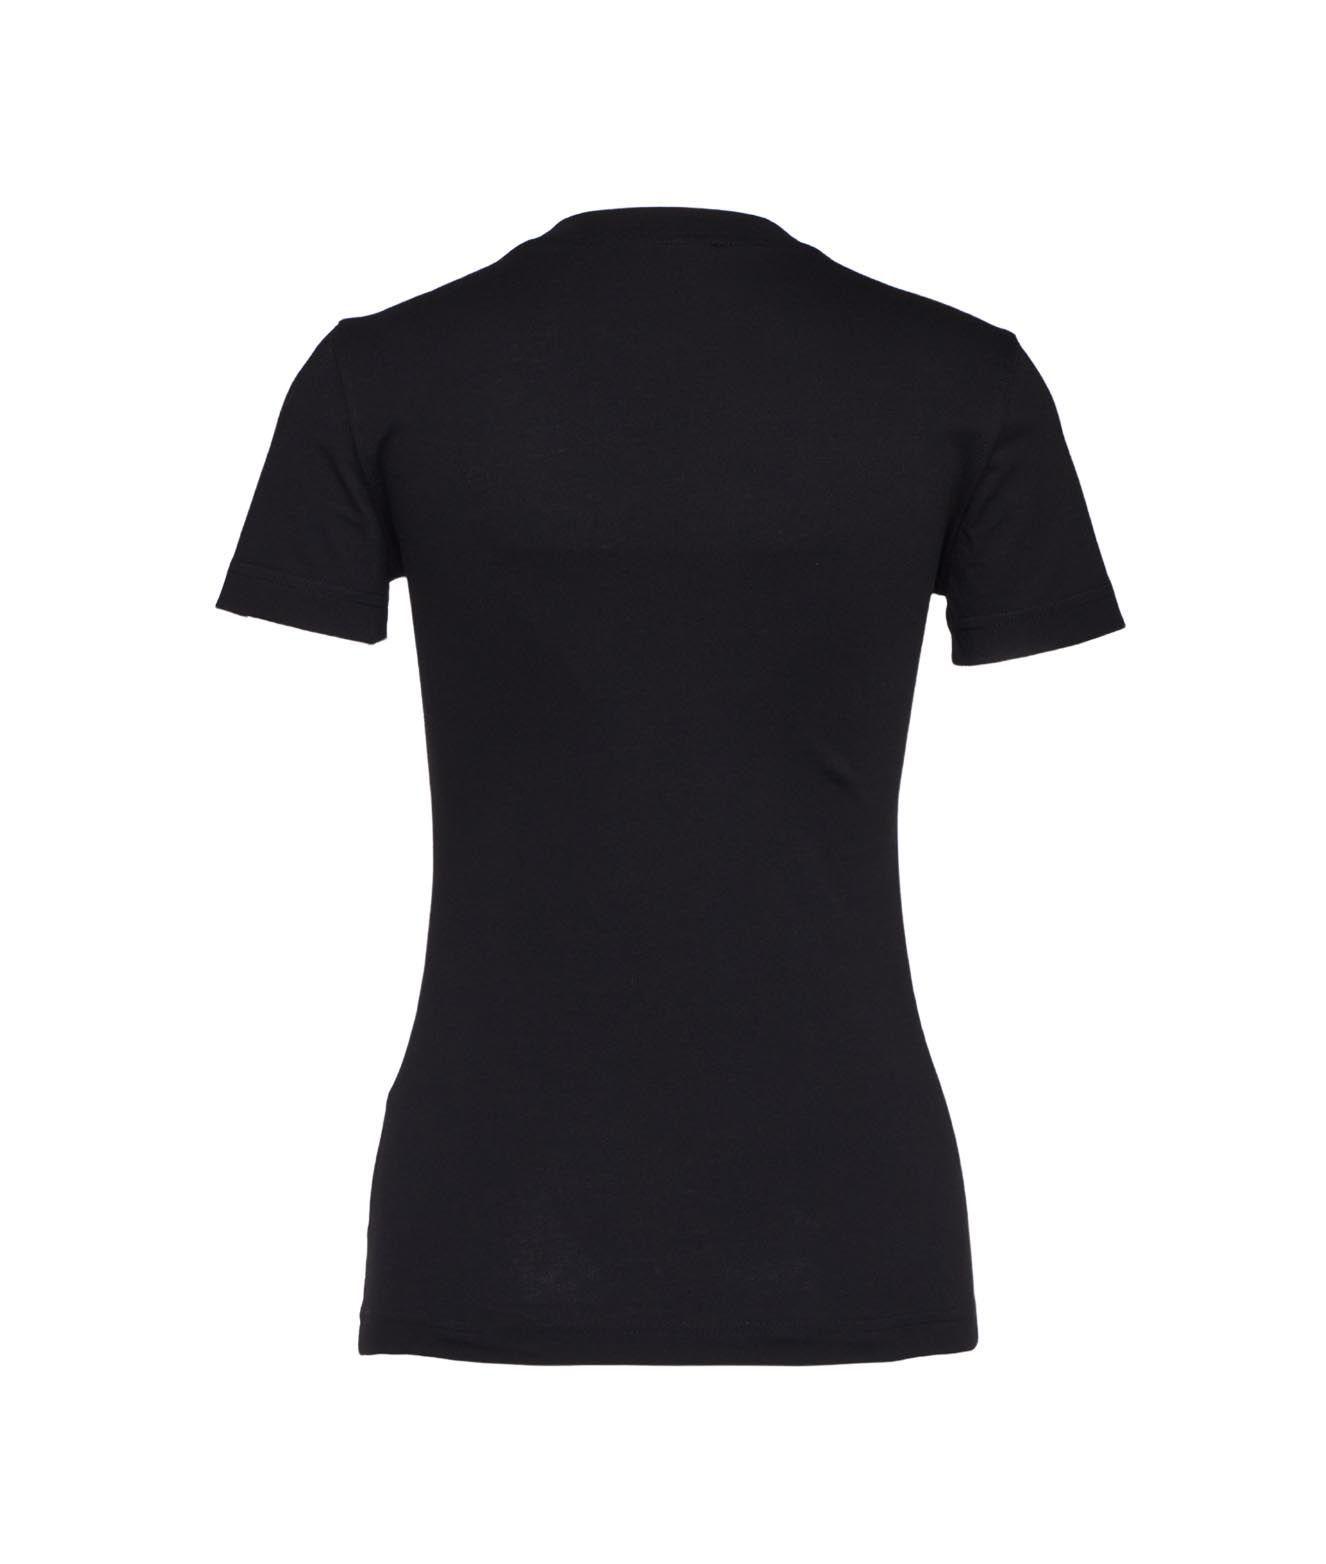 VERSACE T-shirts VERSACE WOMEN'S BLACK OTHER MATERIALS T-SHIRT